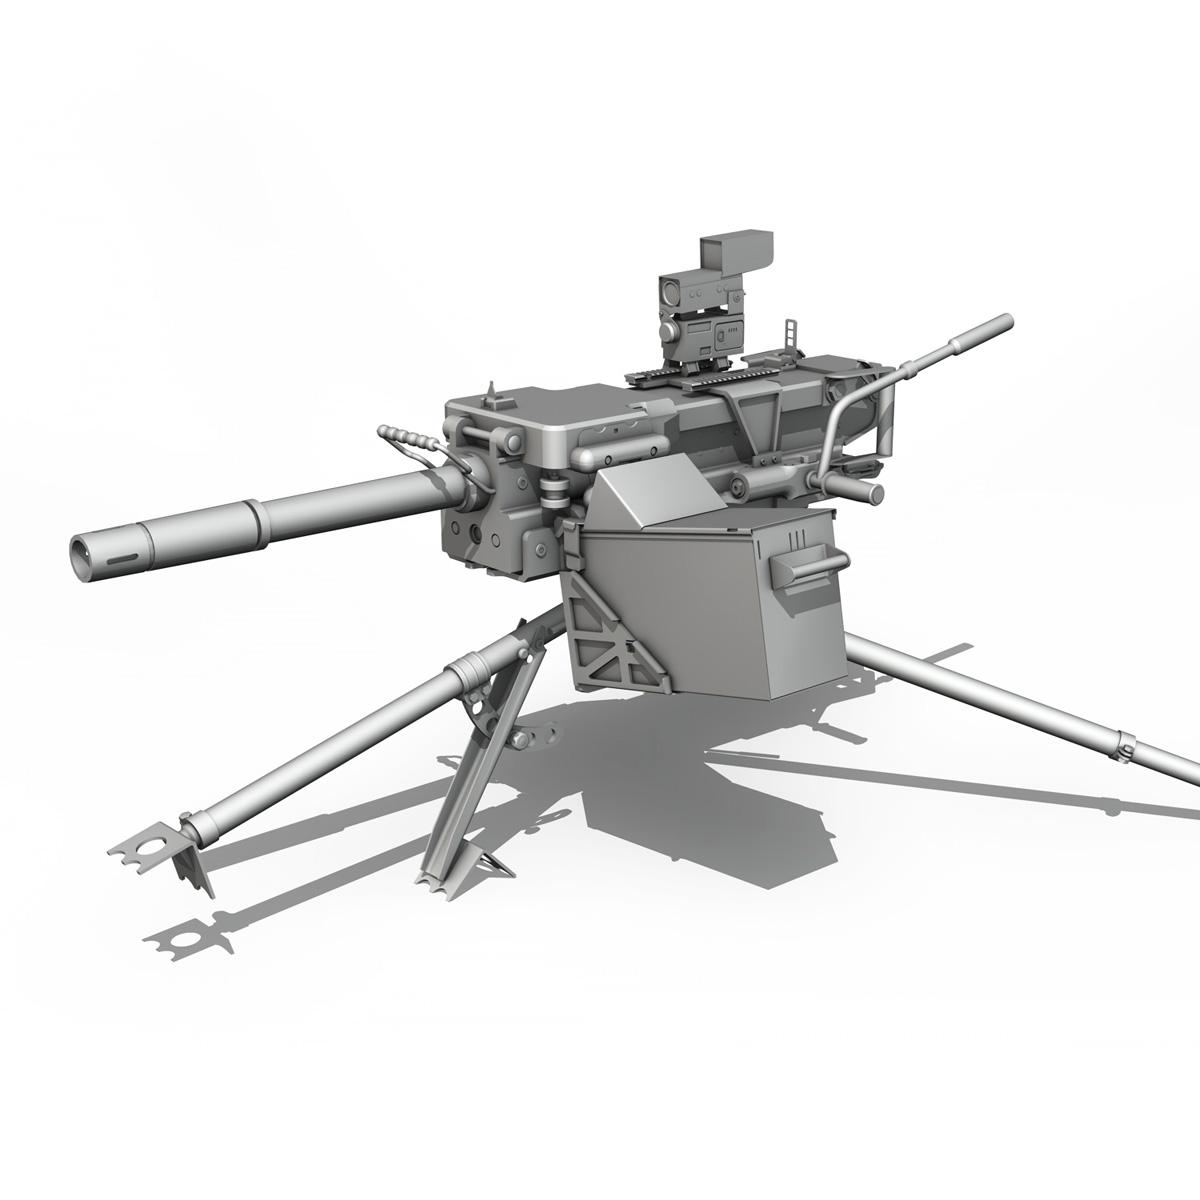 40mm Гранат машин буу gmg 3d загвар c4d lwo 3dm obj 264297